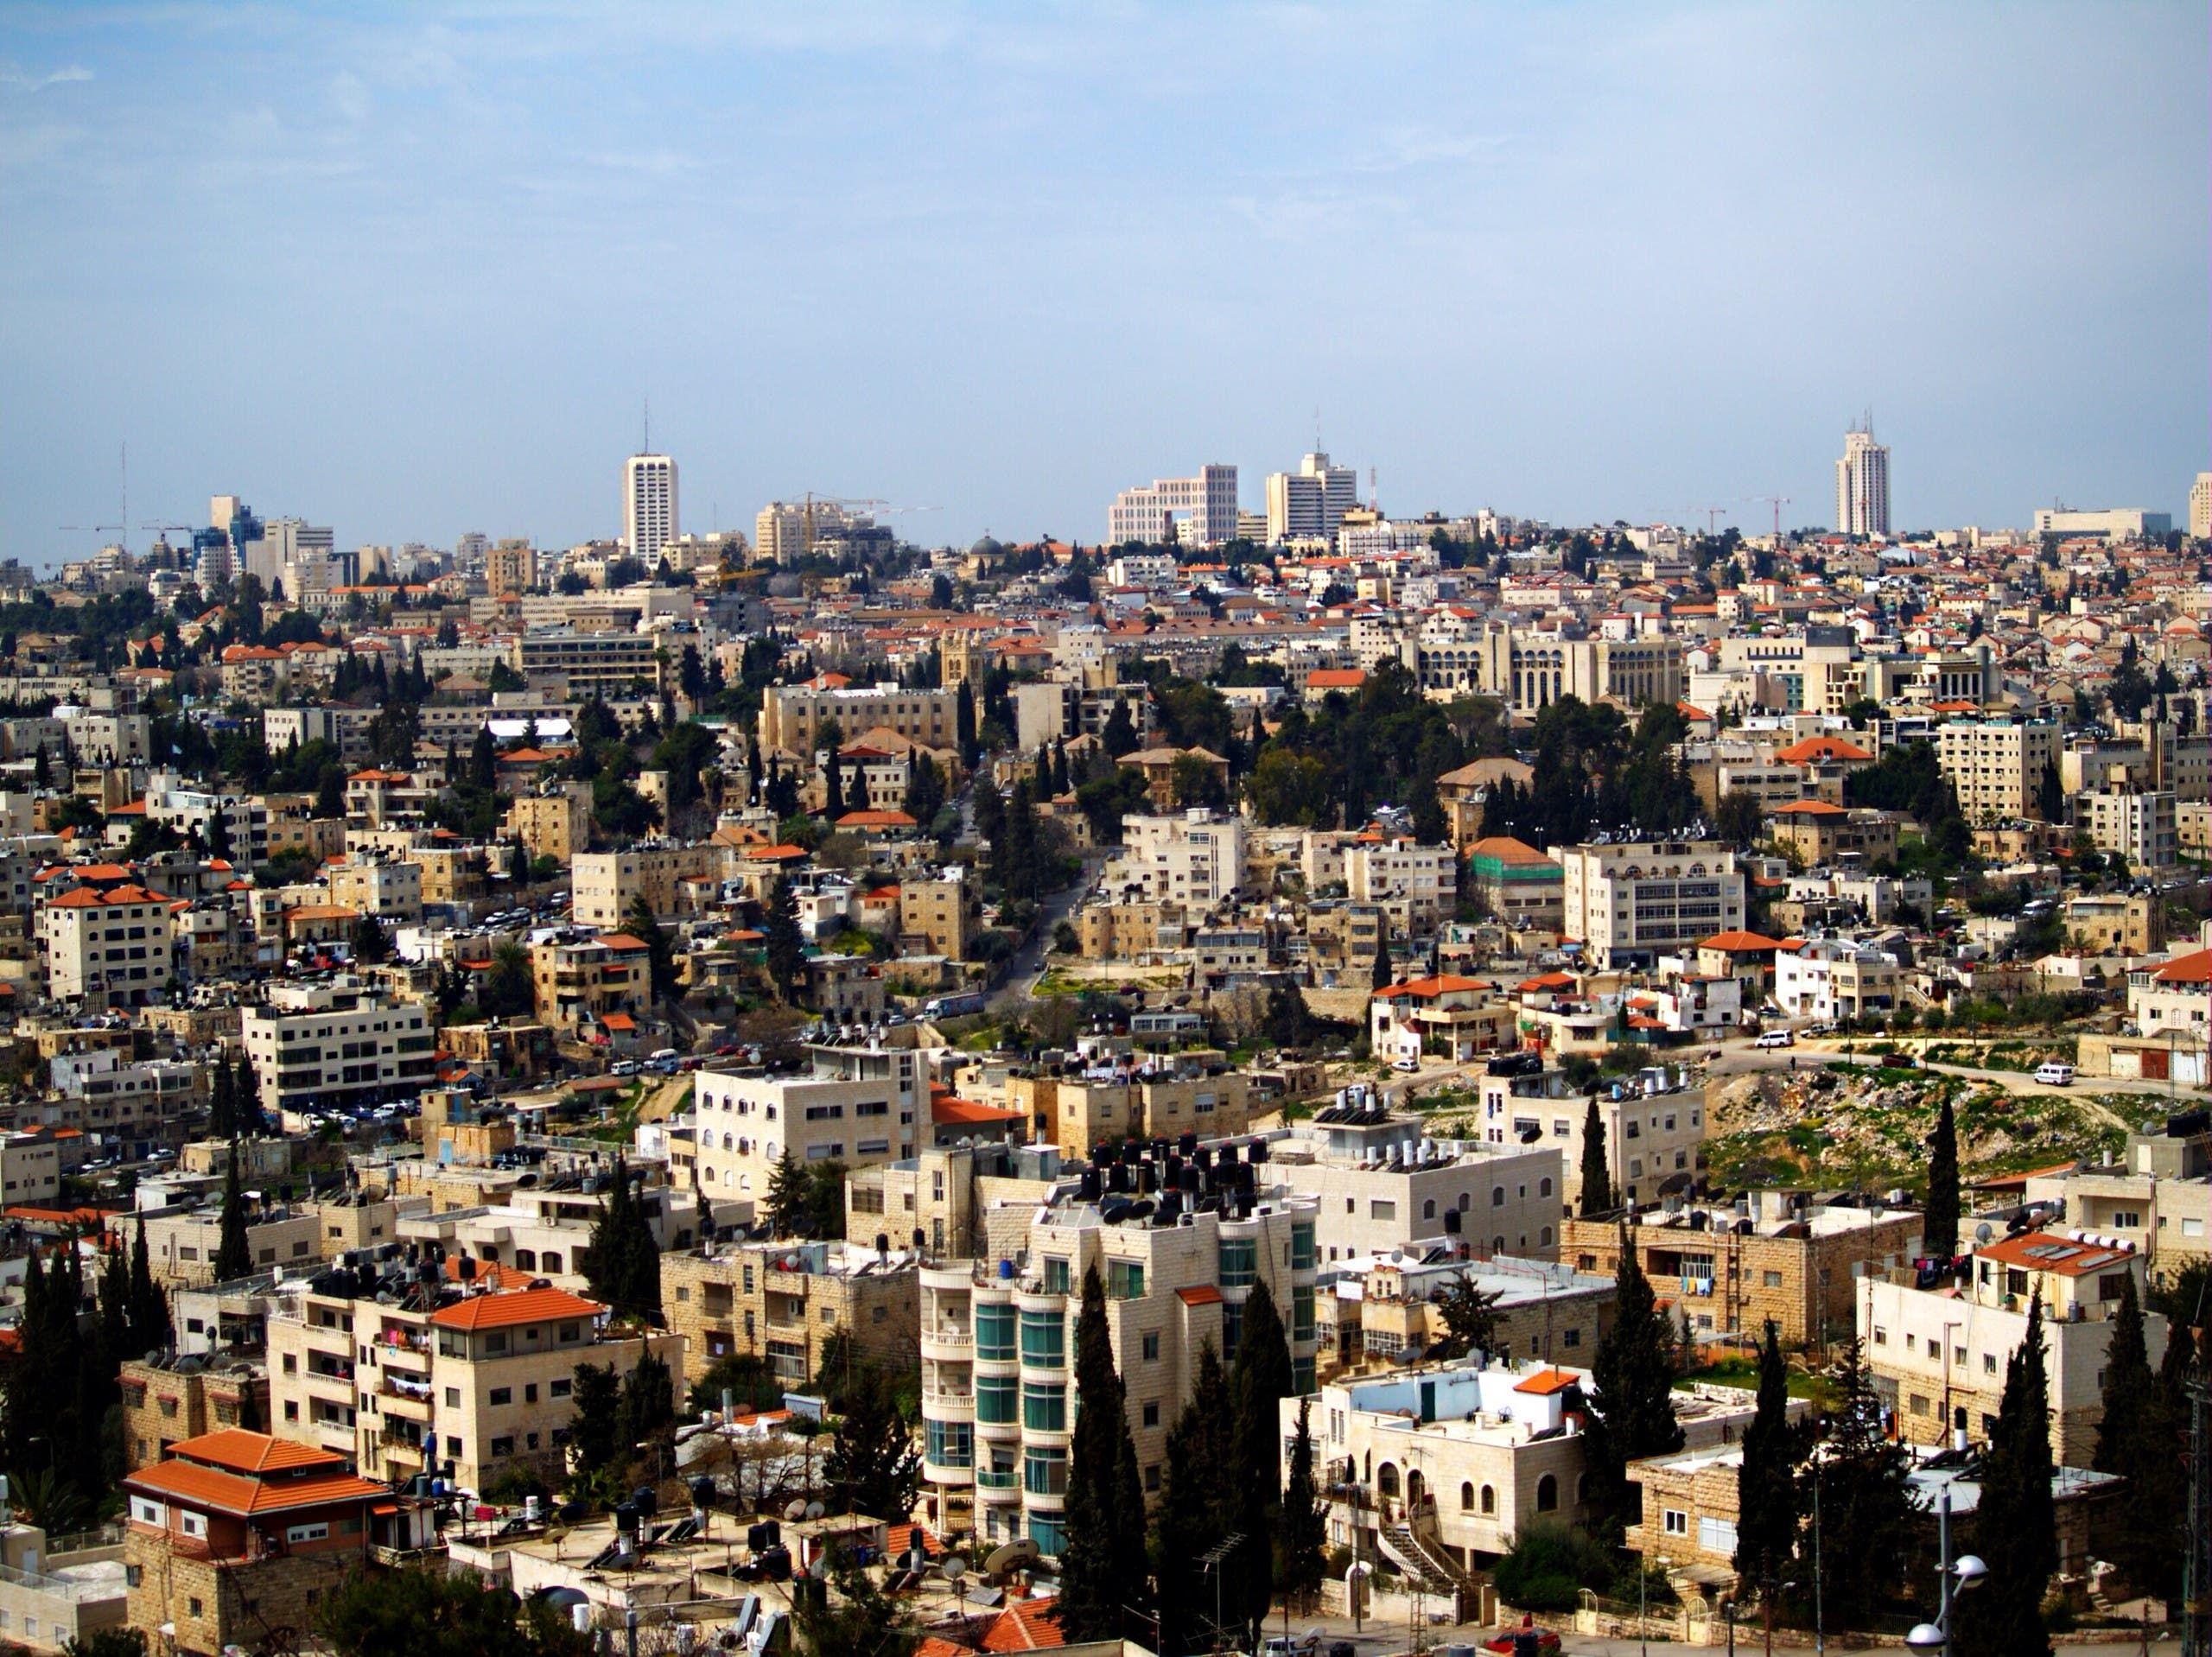 حي الشيخ جراح في القدس المحتلة